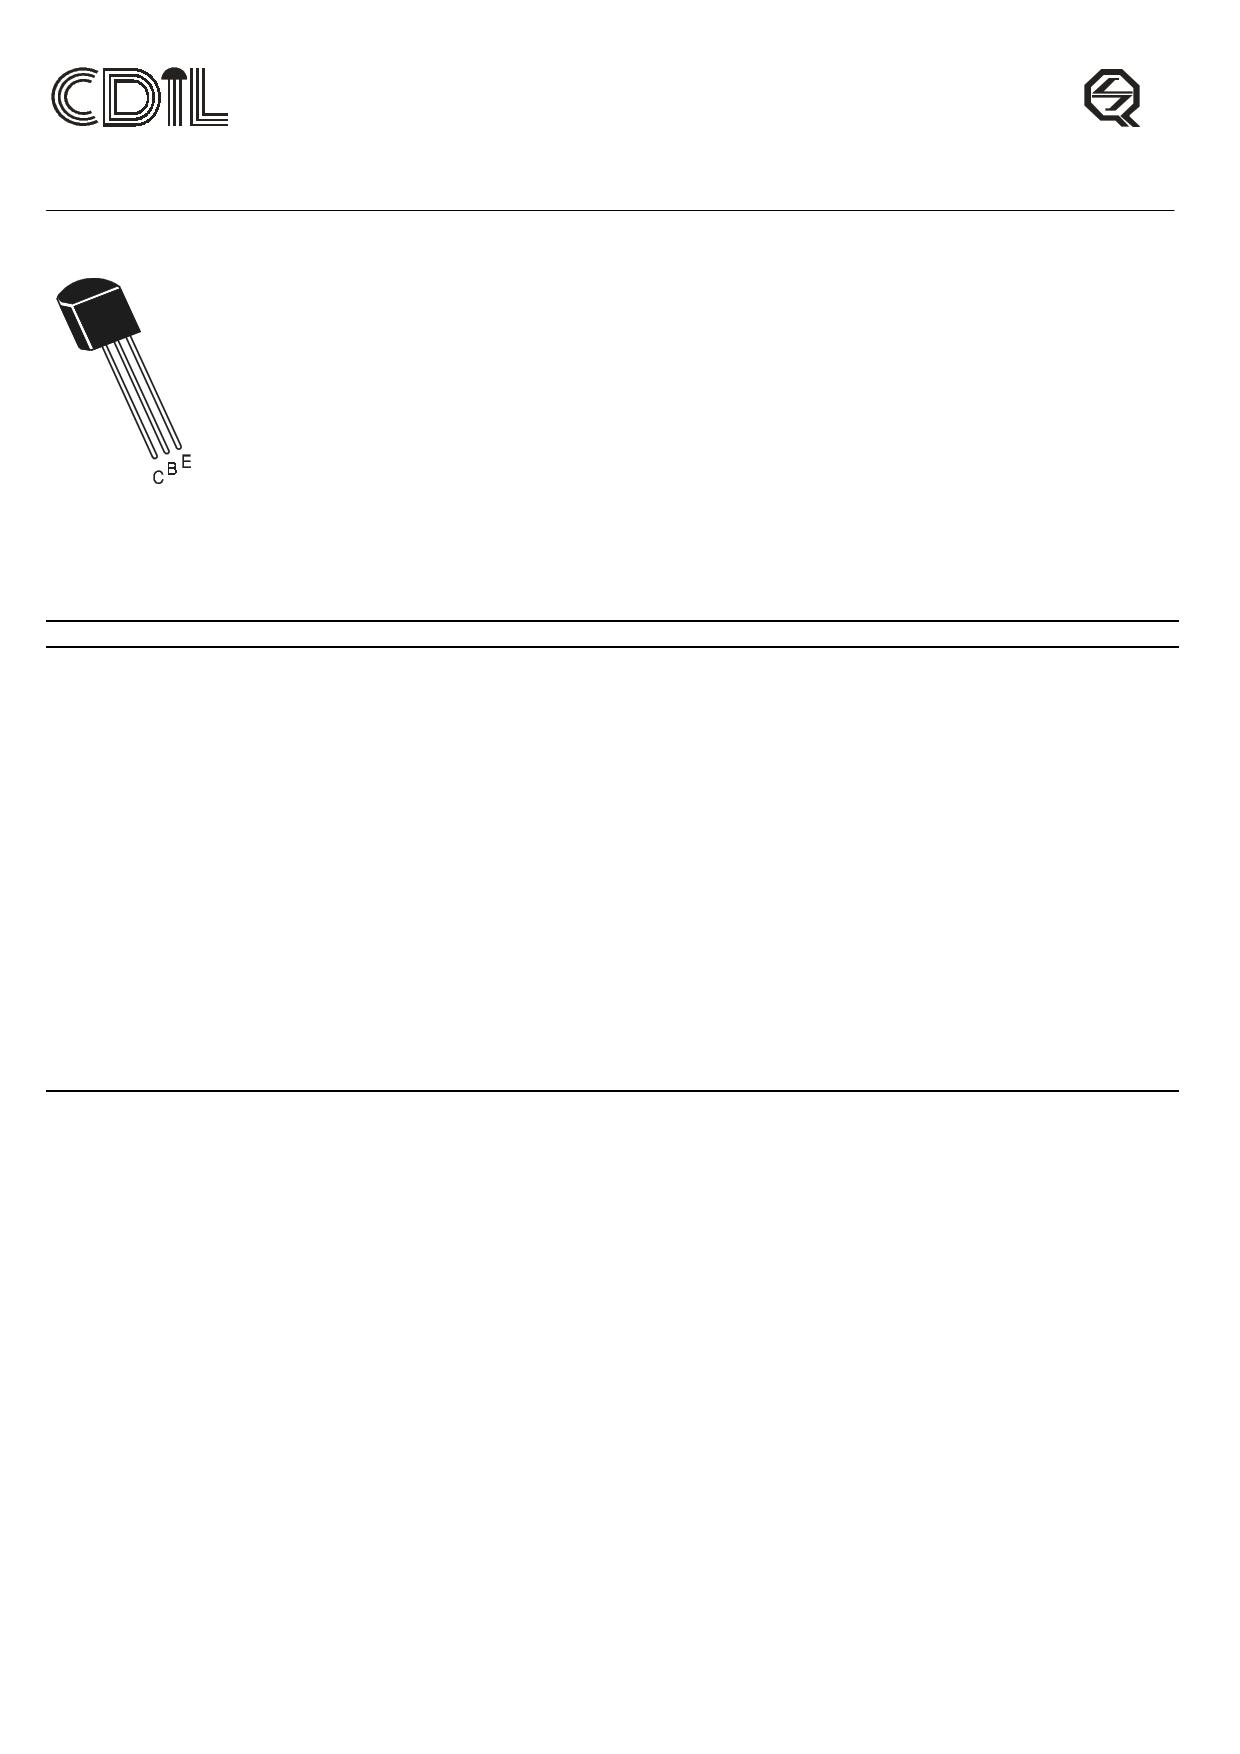 BC450 데이터시트 및 BC450 PDF